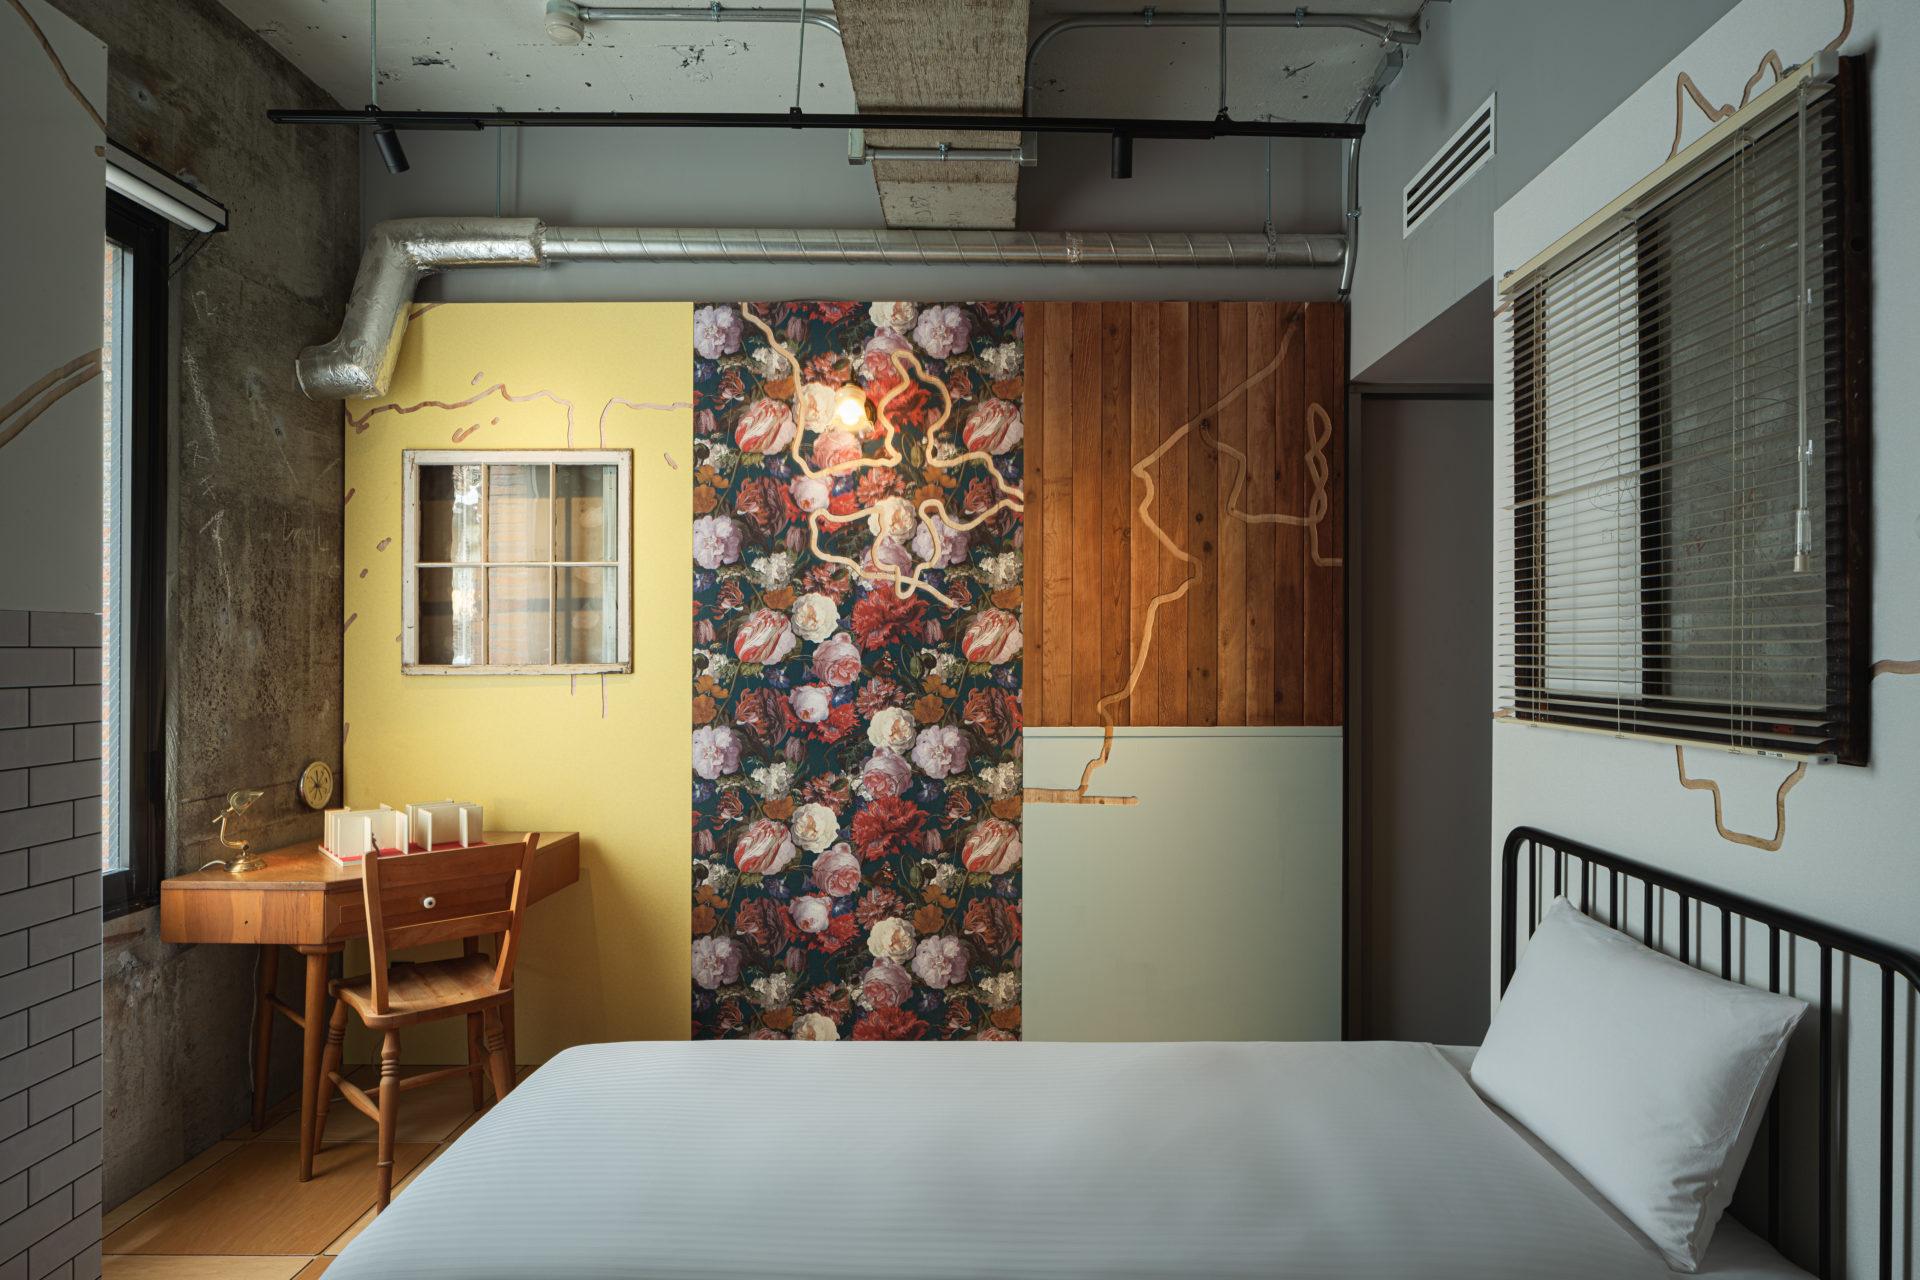 Hotel ou galeria de arte - Quarto PlayWall, do hotel BnB Wall, localizado em Tóquio, Japão